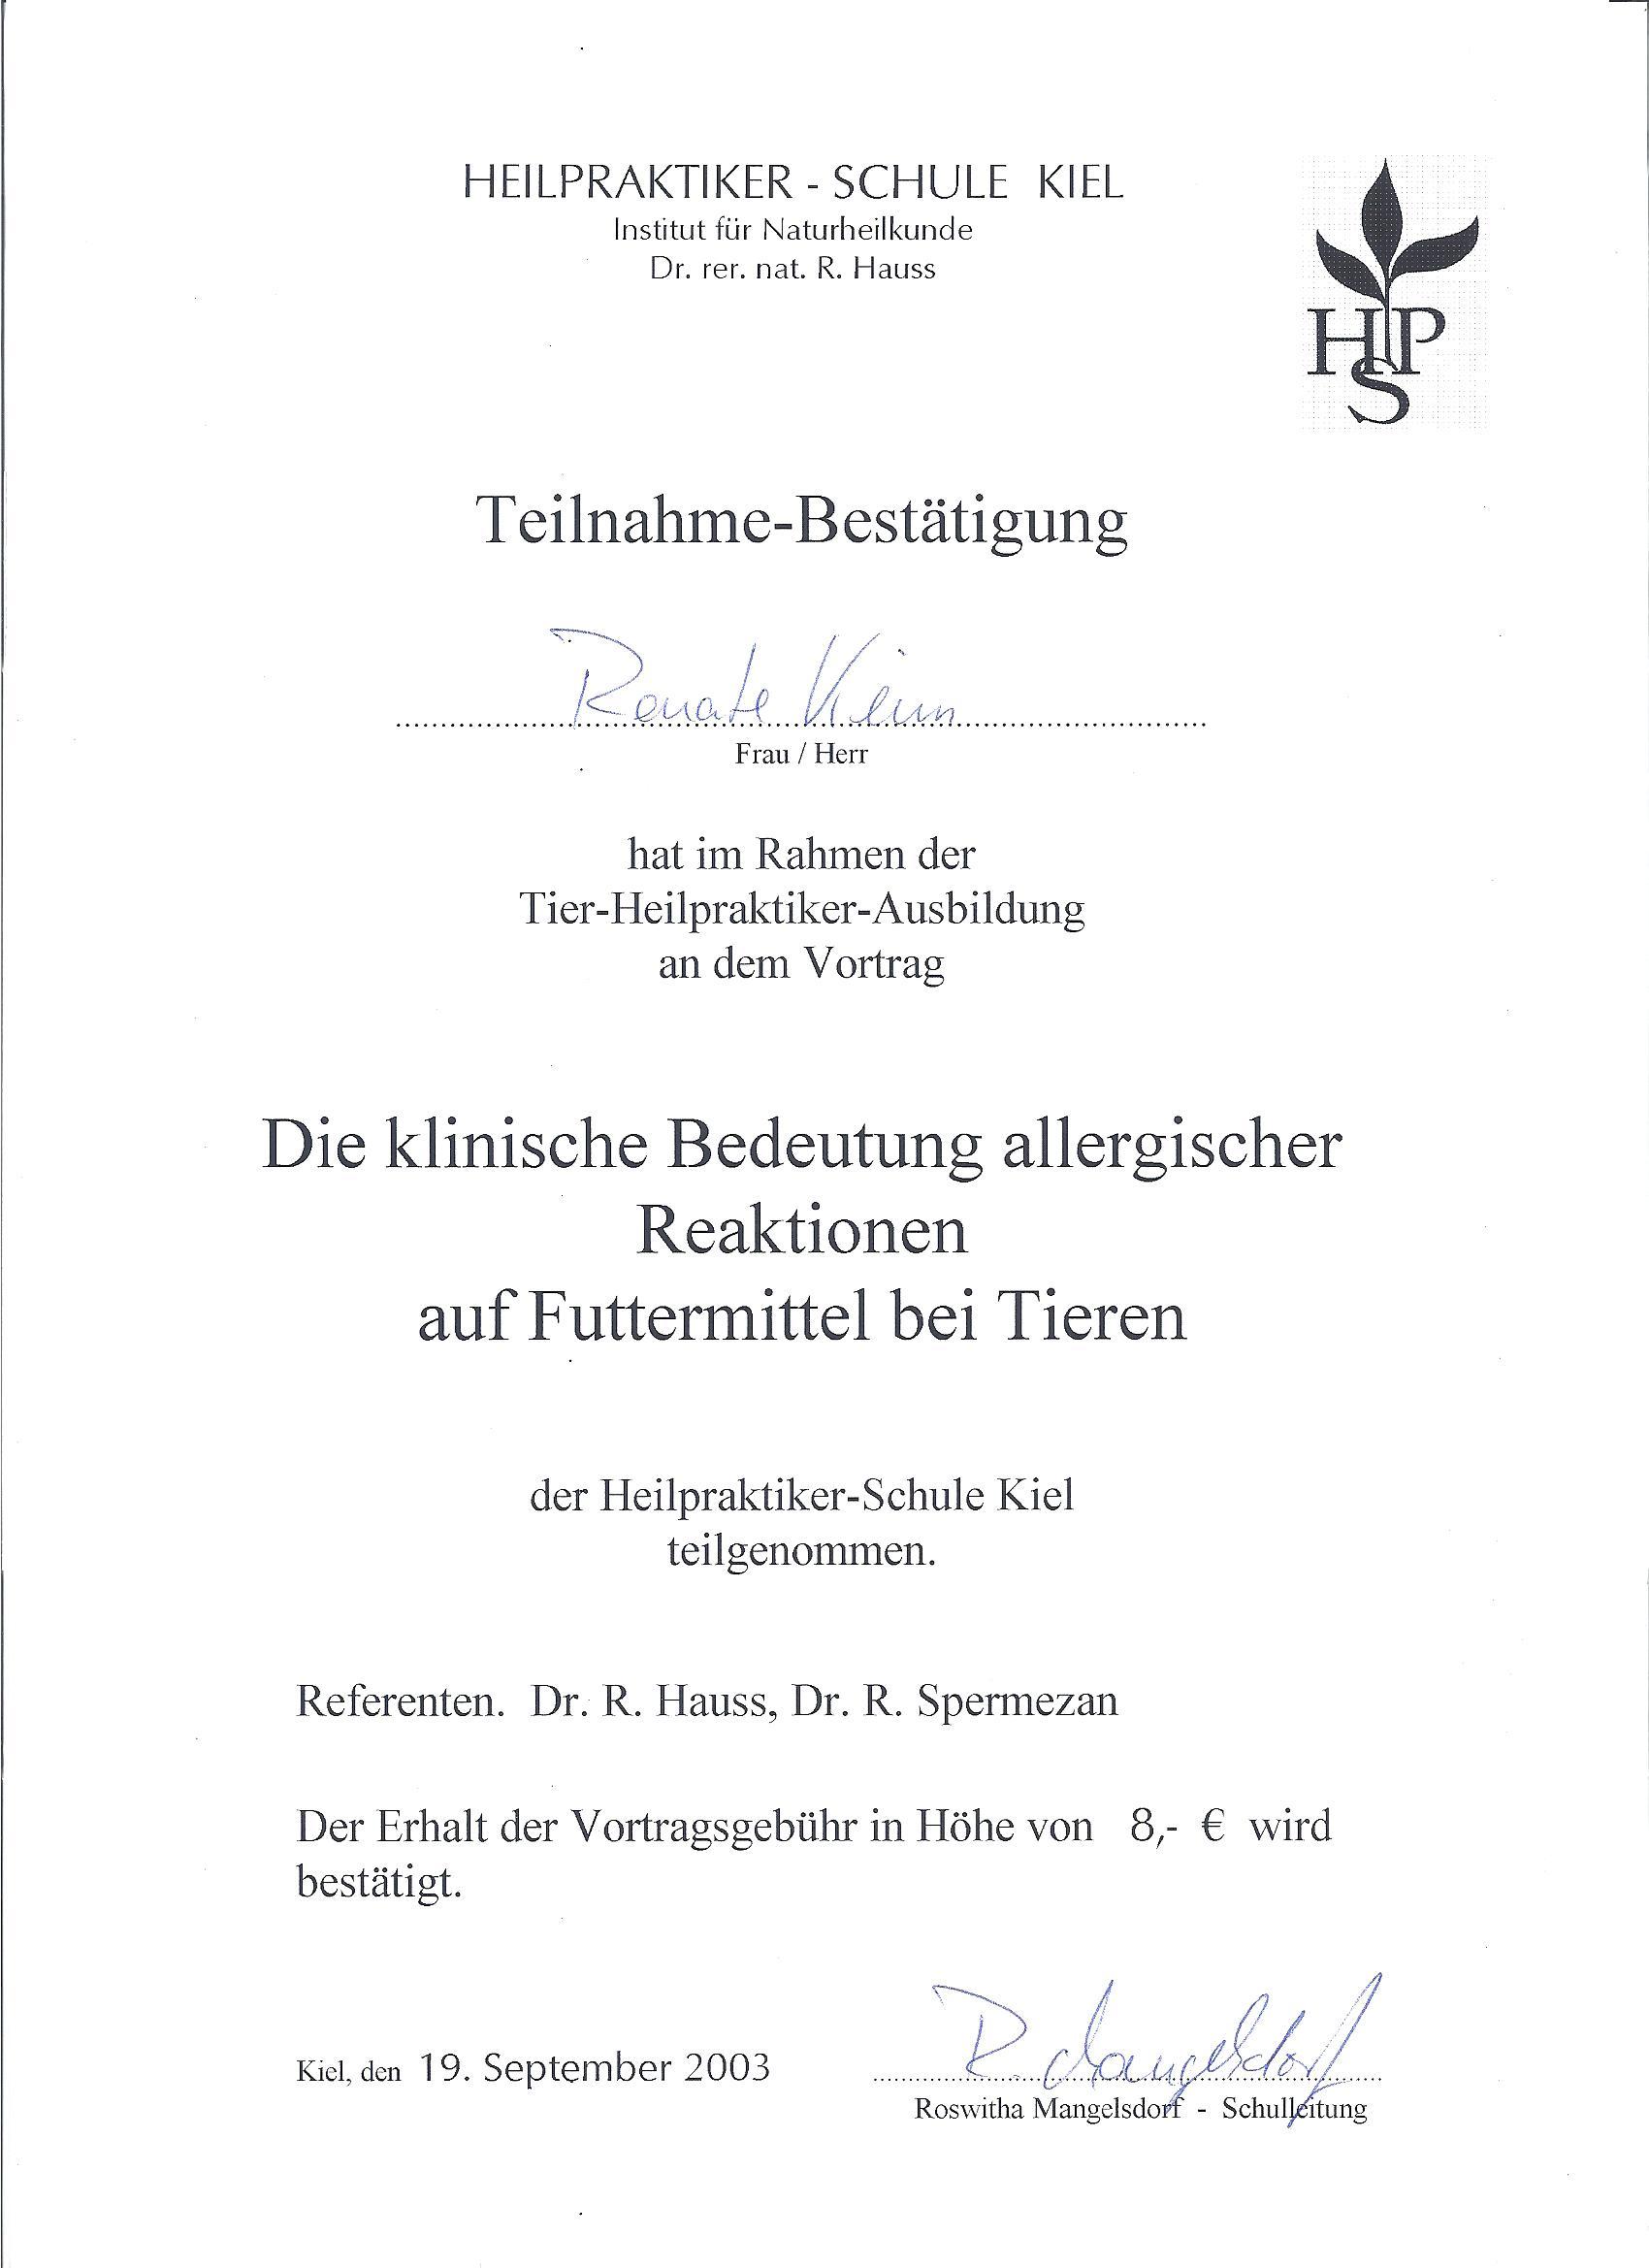 allergische Reaktionen auf Futtermittel 09/03